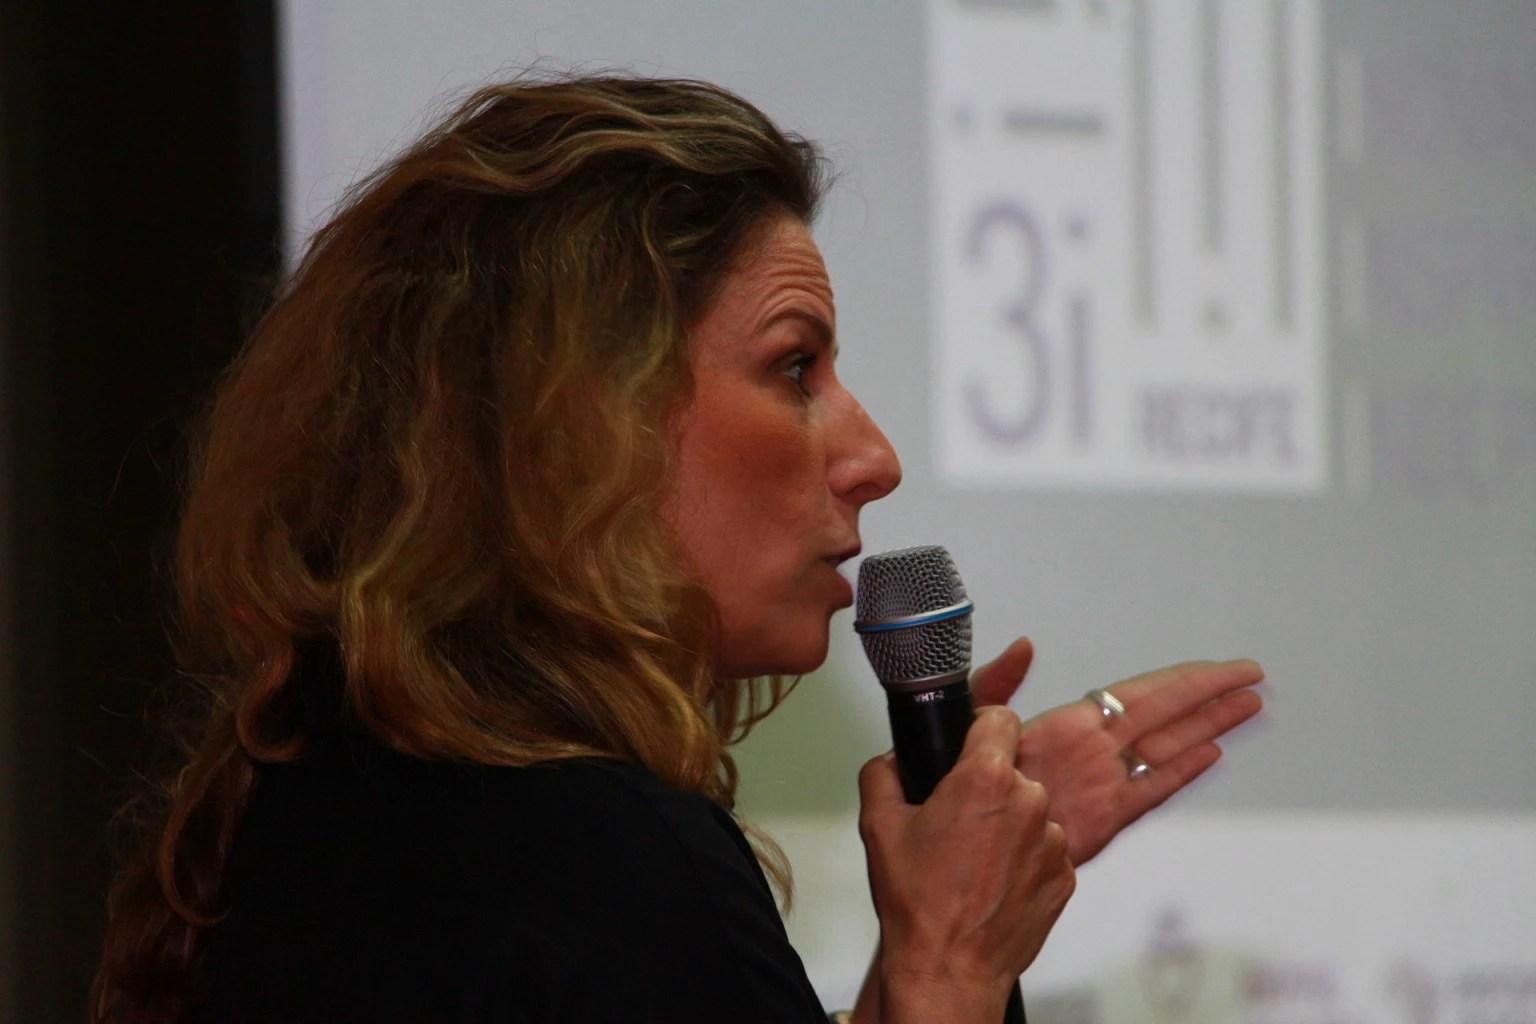 Daniela Pinieor, chefe de redação da revista Época